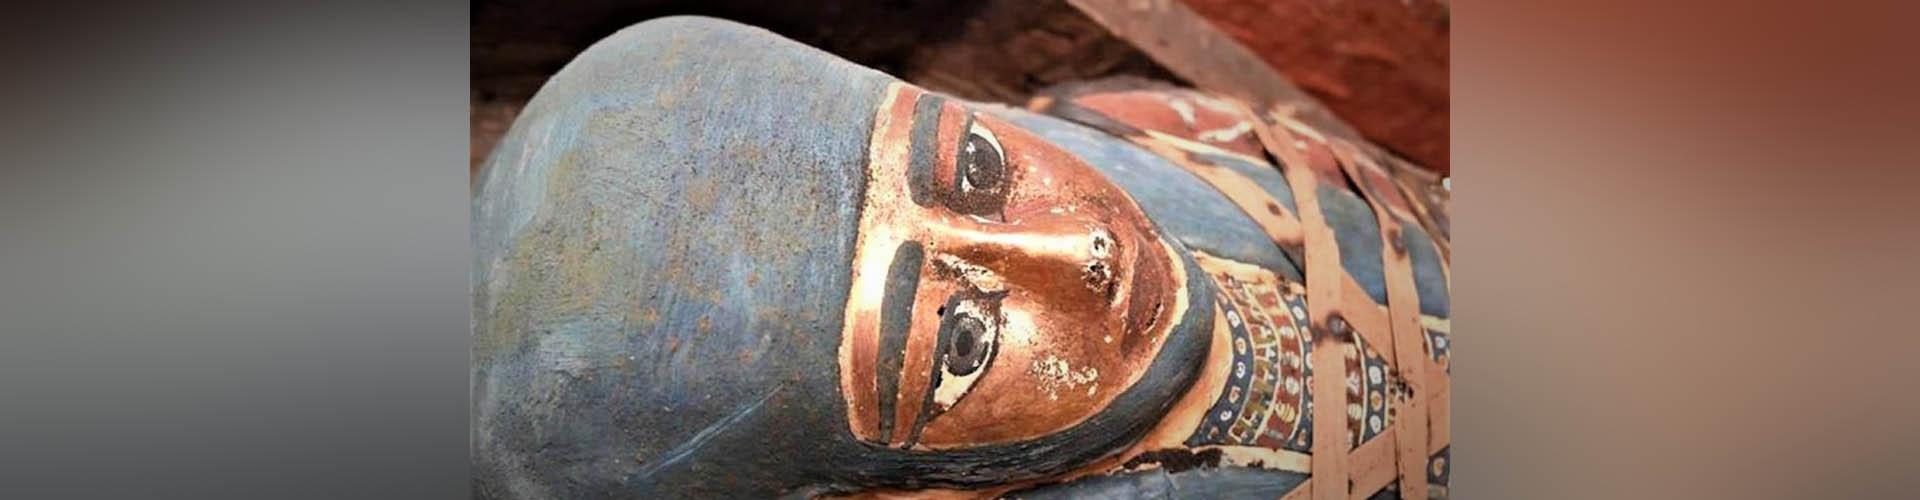 (VIDEO)  Descubren 250 tumbas de hace más de 4.000 años en Egipto